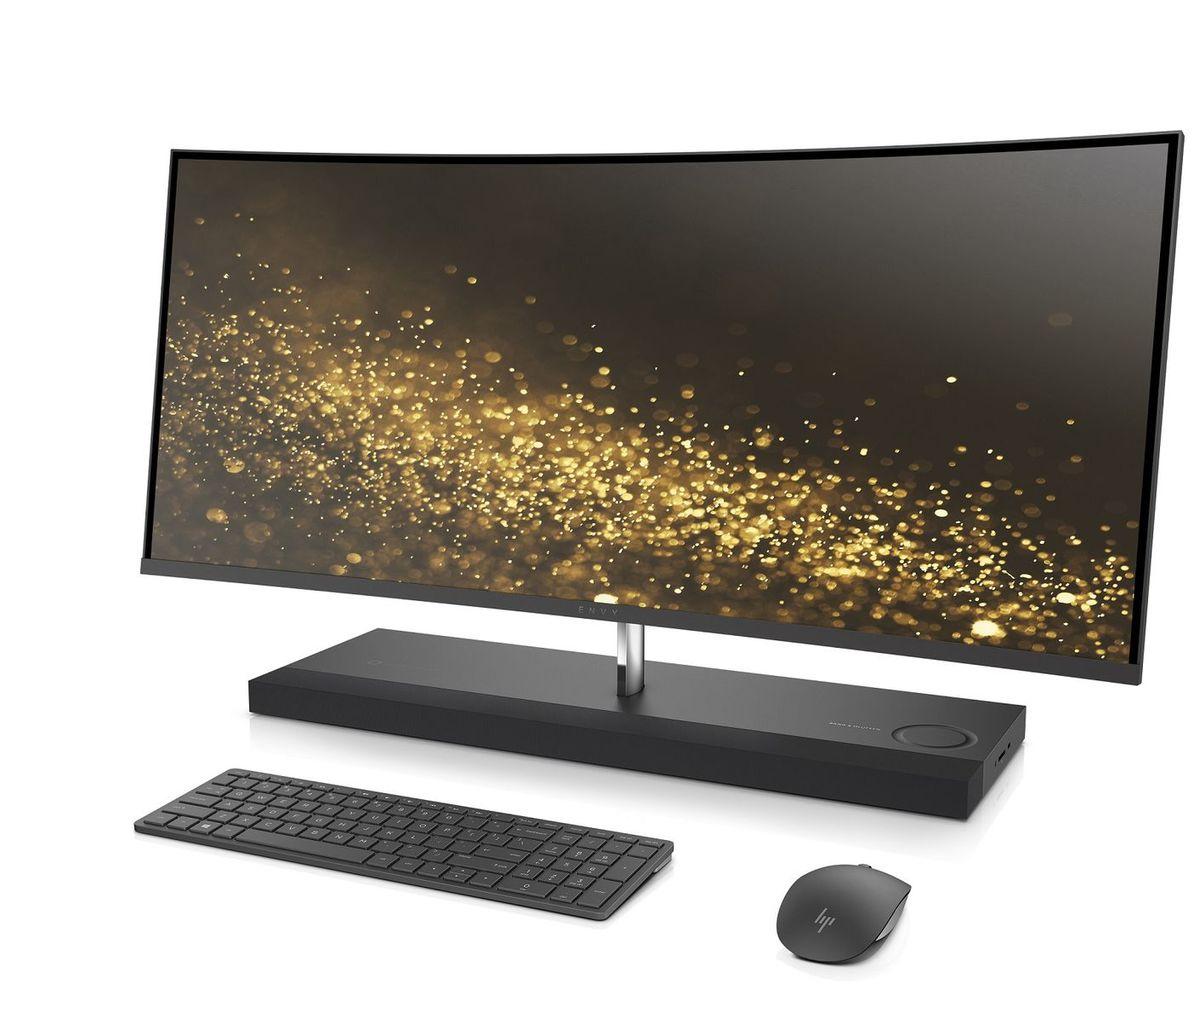 Počítač HP Envy Curved má 34-palcový displej s tenkým rámom a zakriveným panelom.